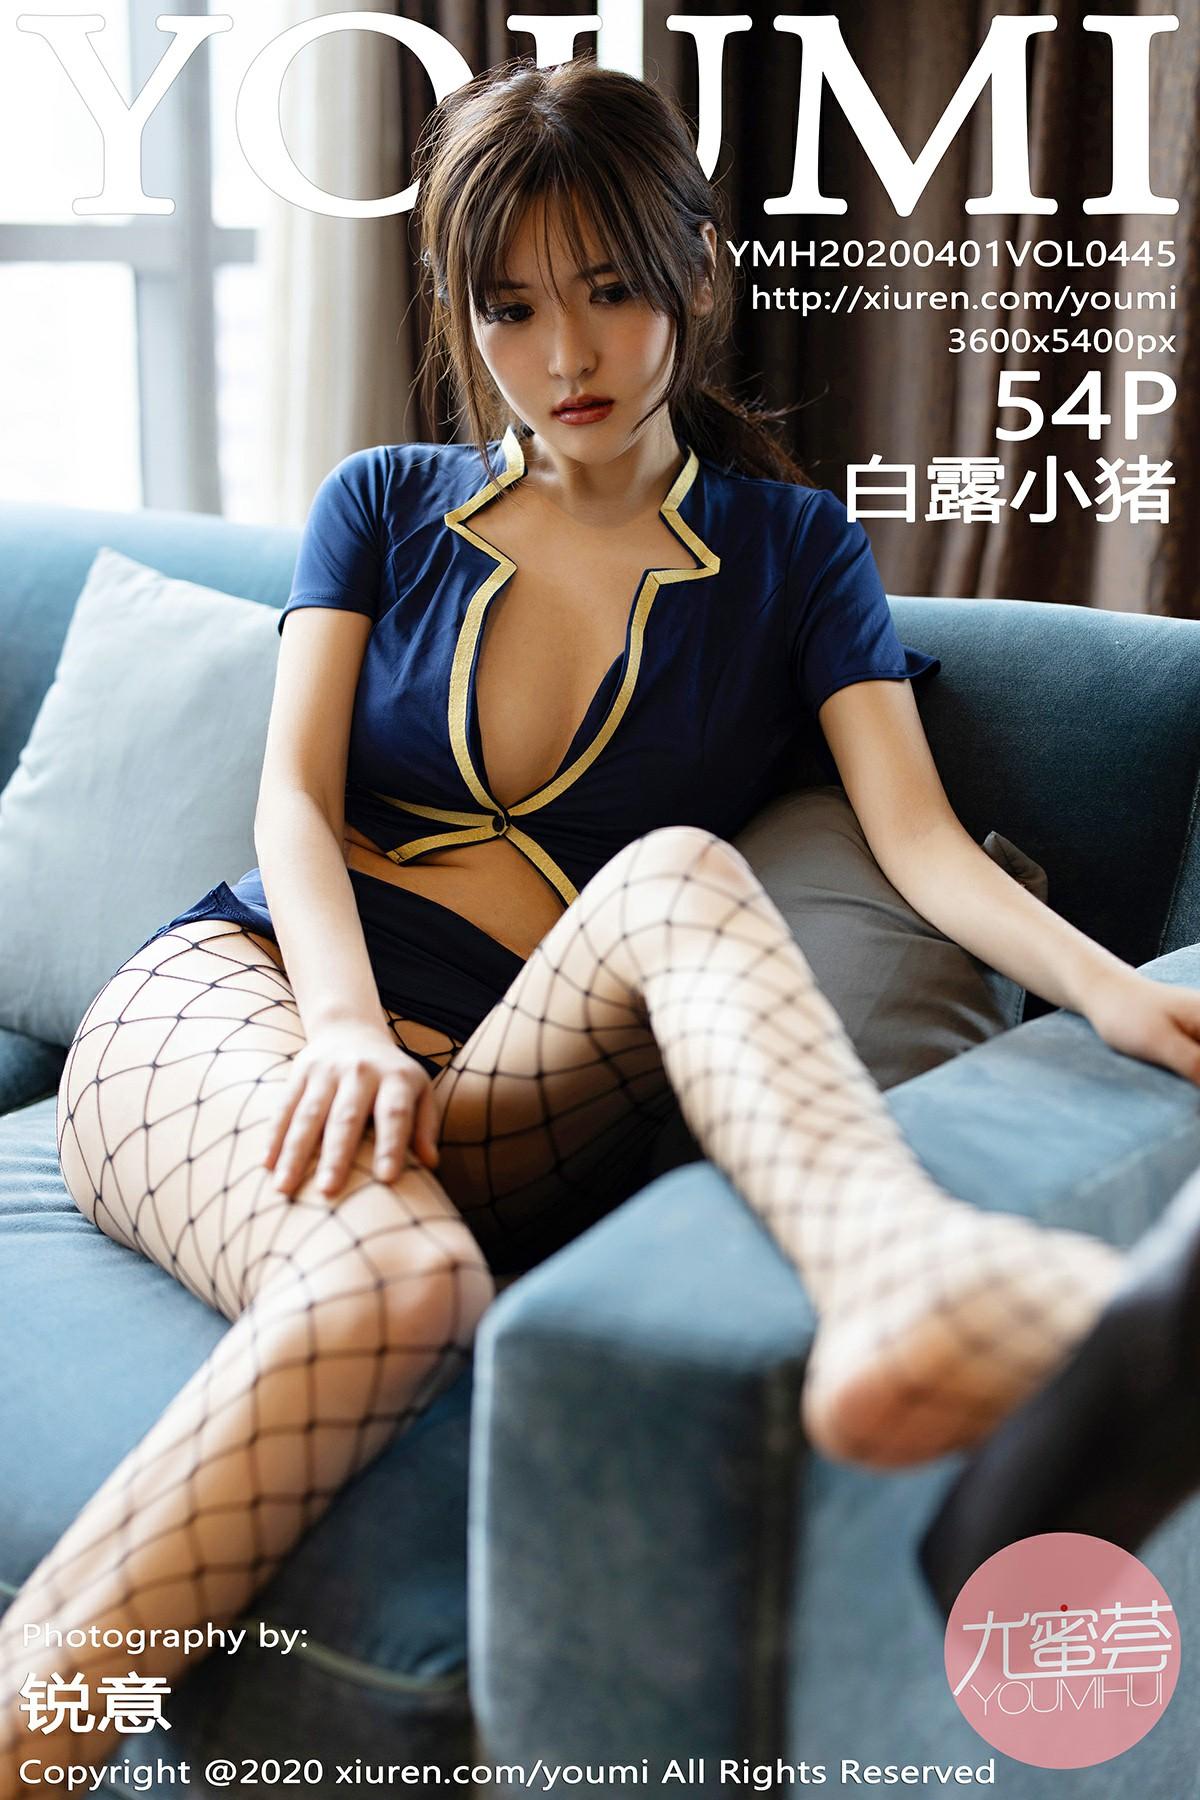 [YOUMI尤蜜荟]2020.04.01 VOL.445 白露小猪[55P] 尤蜜荟 第1张